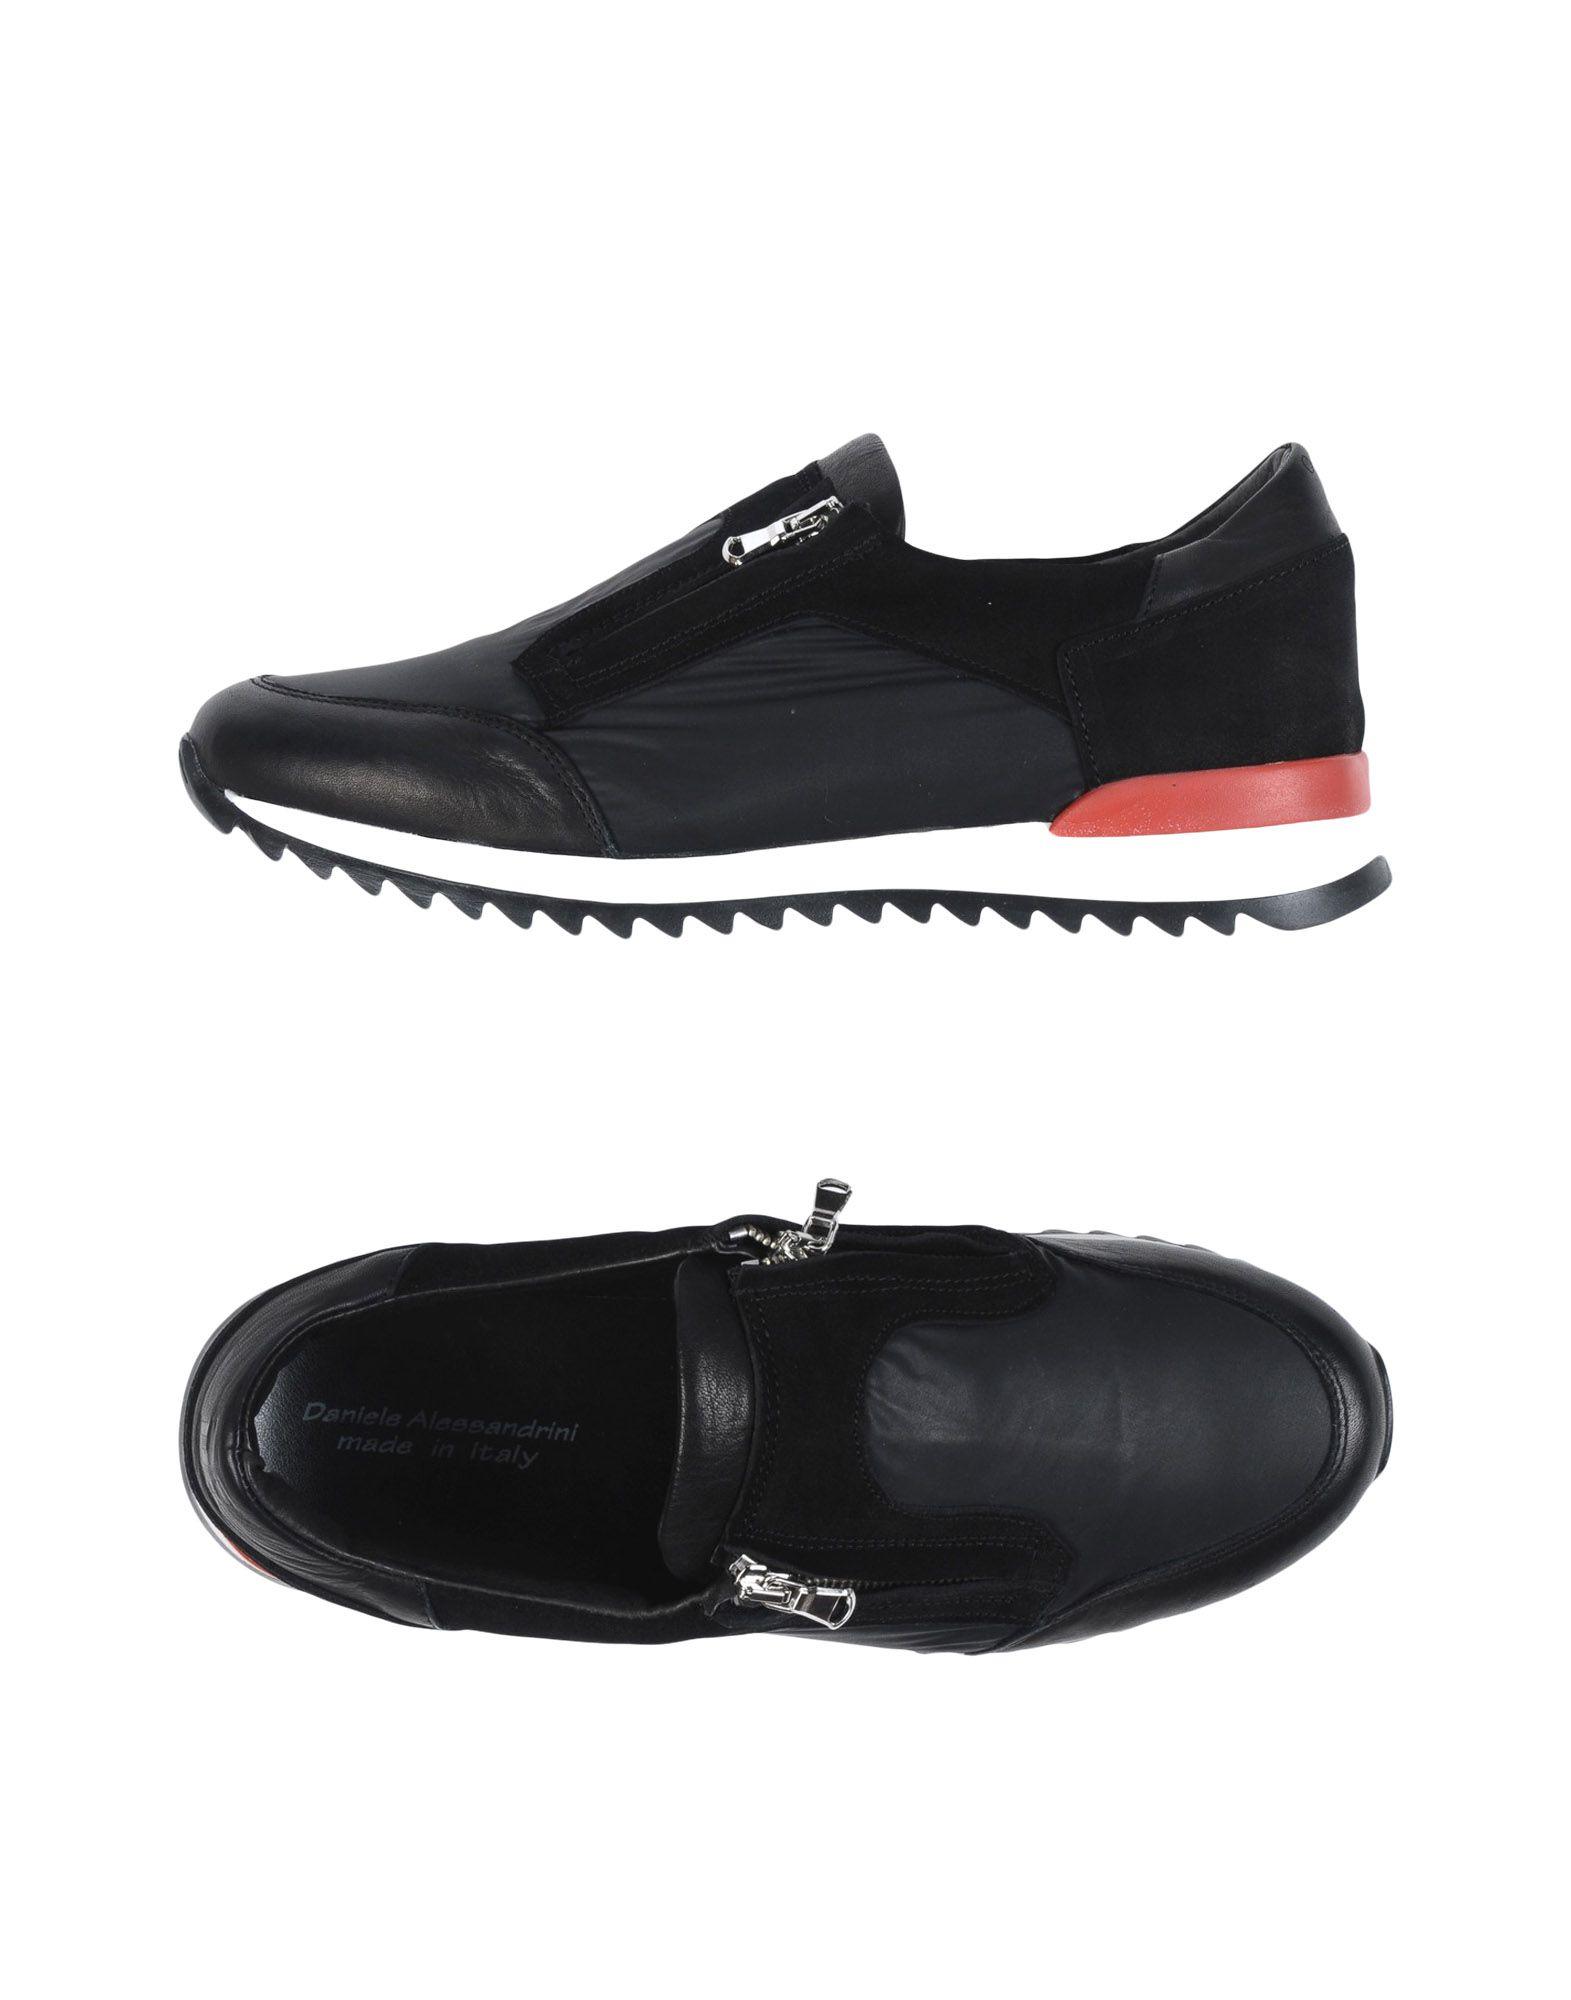 Rabatt echte Sneakers Schuhe Daniele Alessandrini Sneakers echte Herren  11250735VG f10c4d